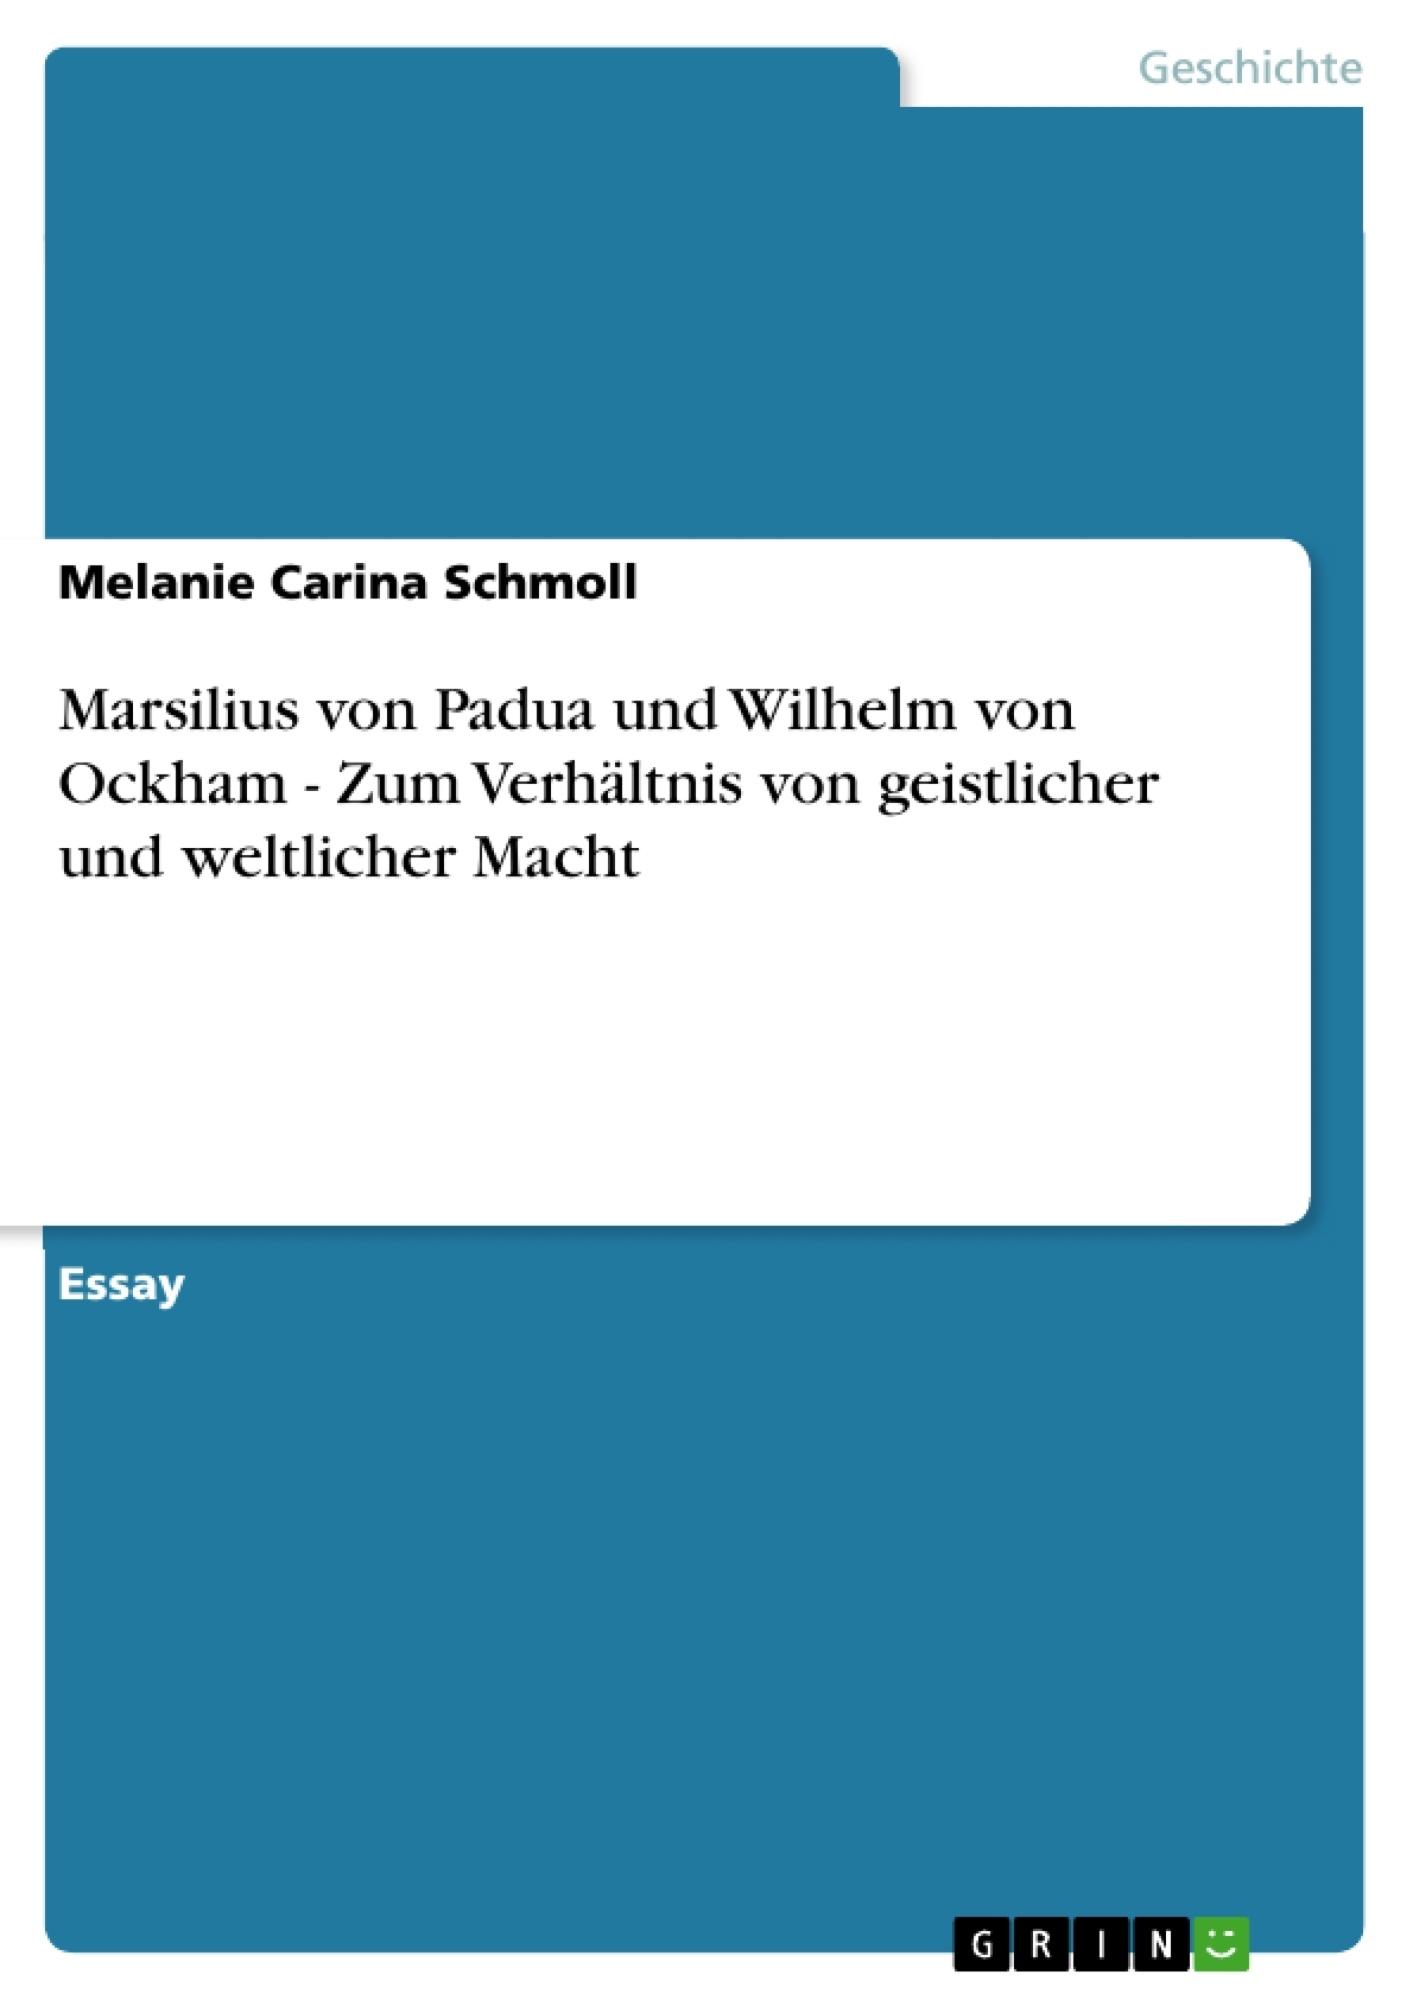 Titel: Marsilius von Padua und Wilhelm von Ockham - Zum Verhältnis von geistlicher und weltlicher Macht